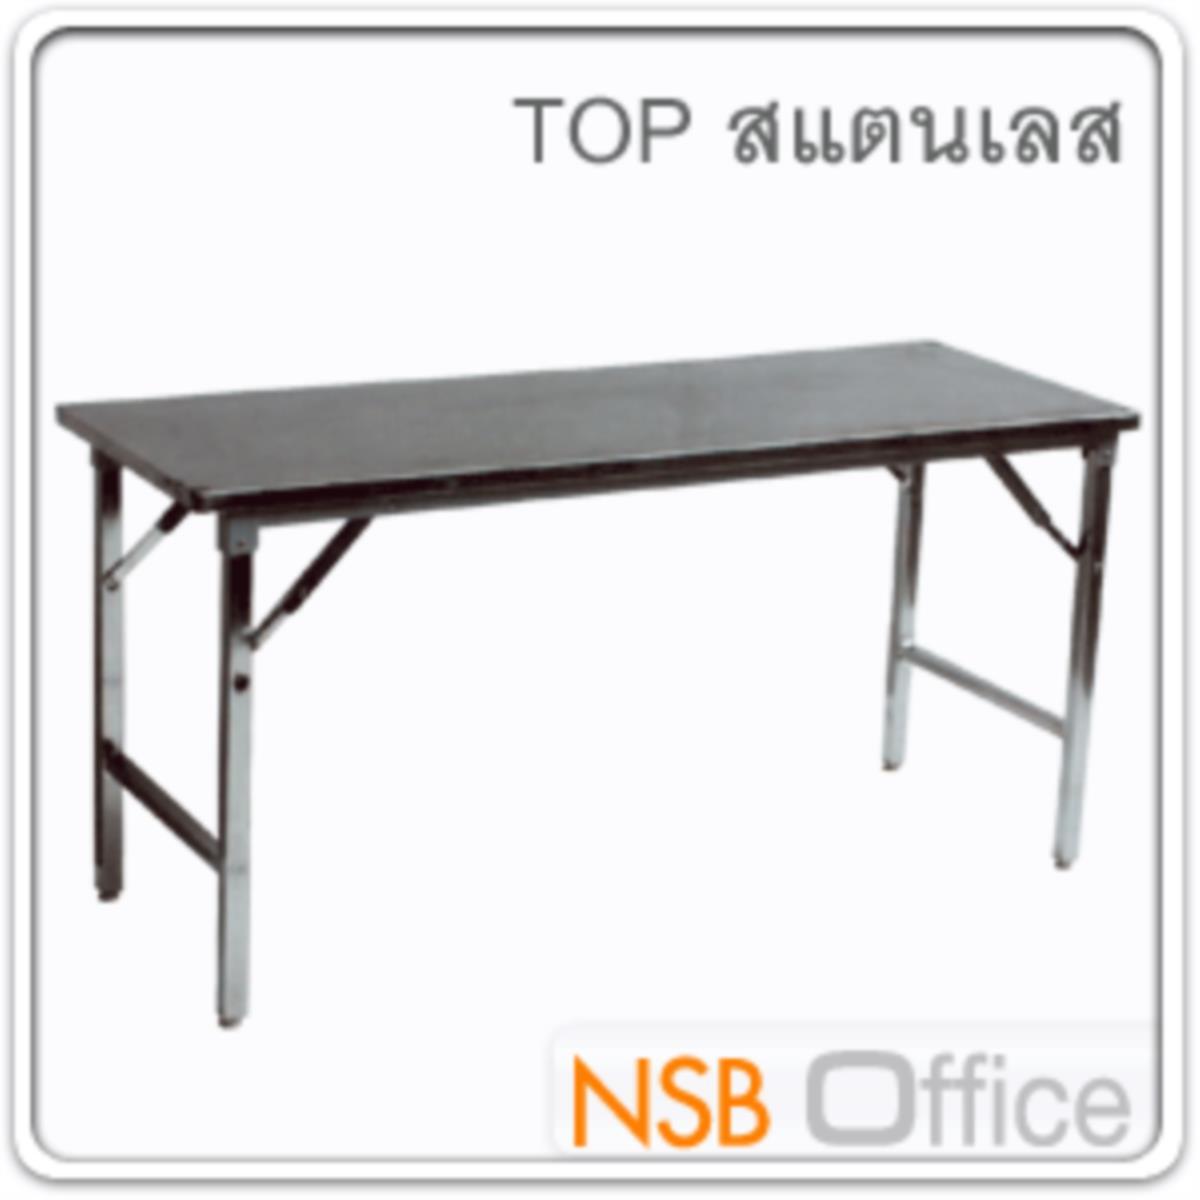 โต๊ะพับหน้าสแตนเลส  ขนาด 150W ,180W cm. ขาเหล็กชุบโครเมี่ยม